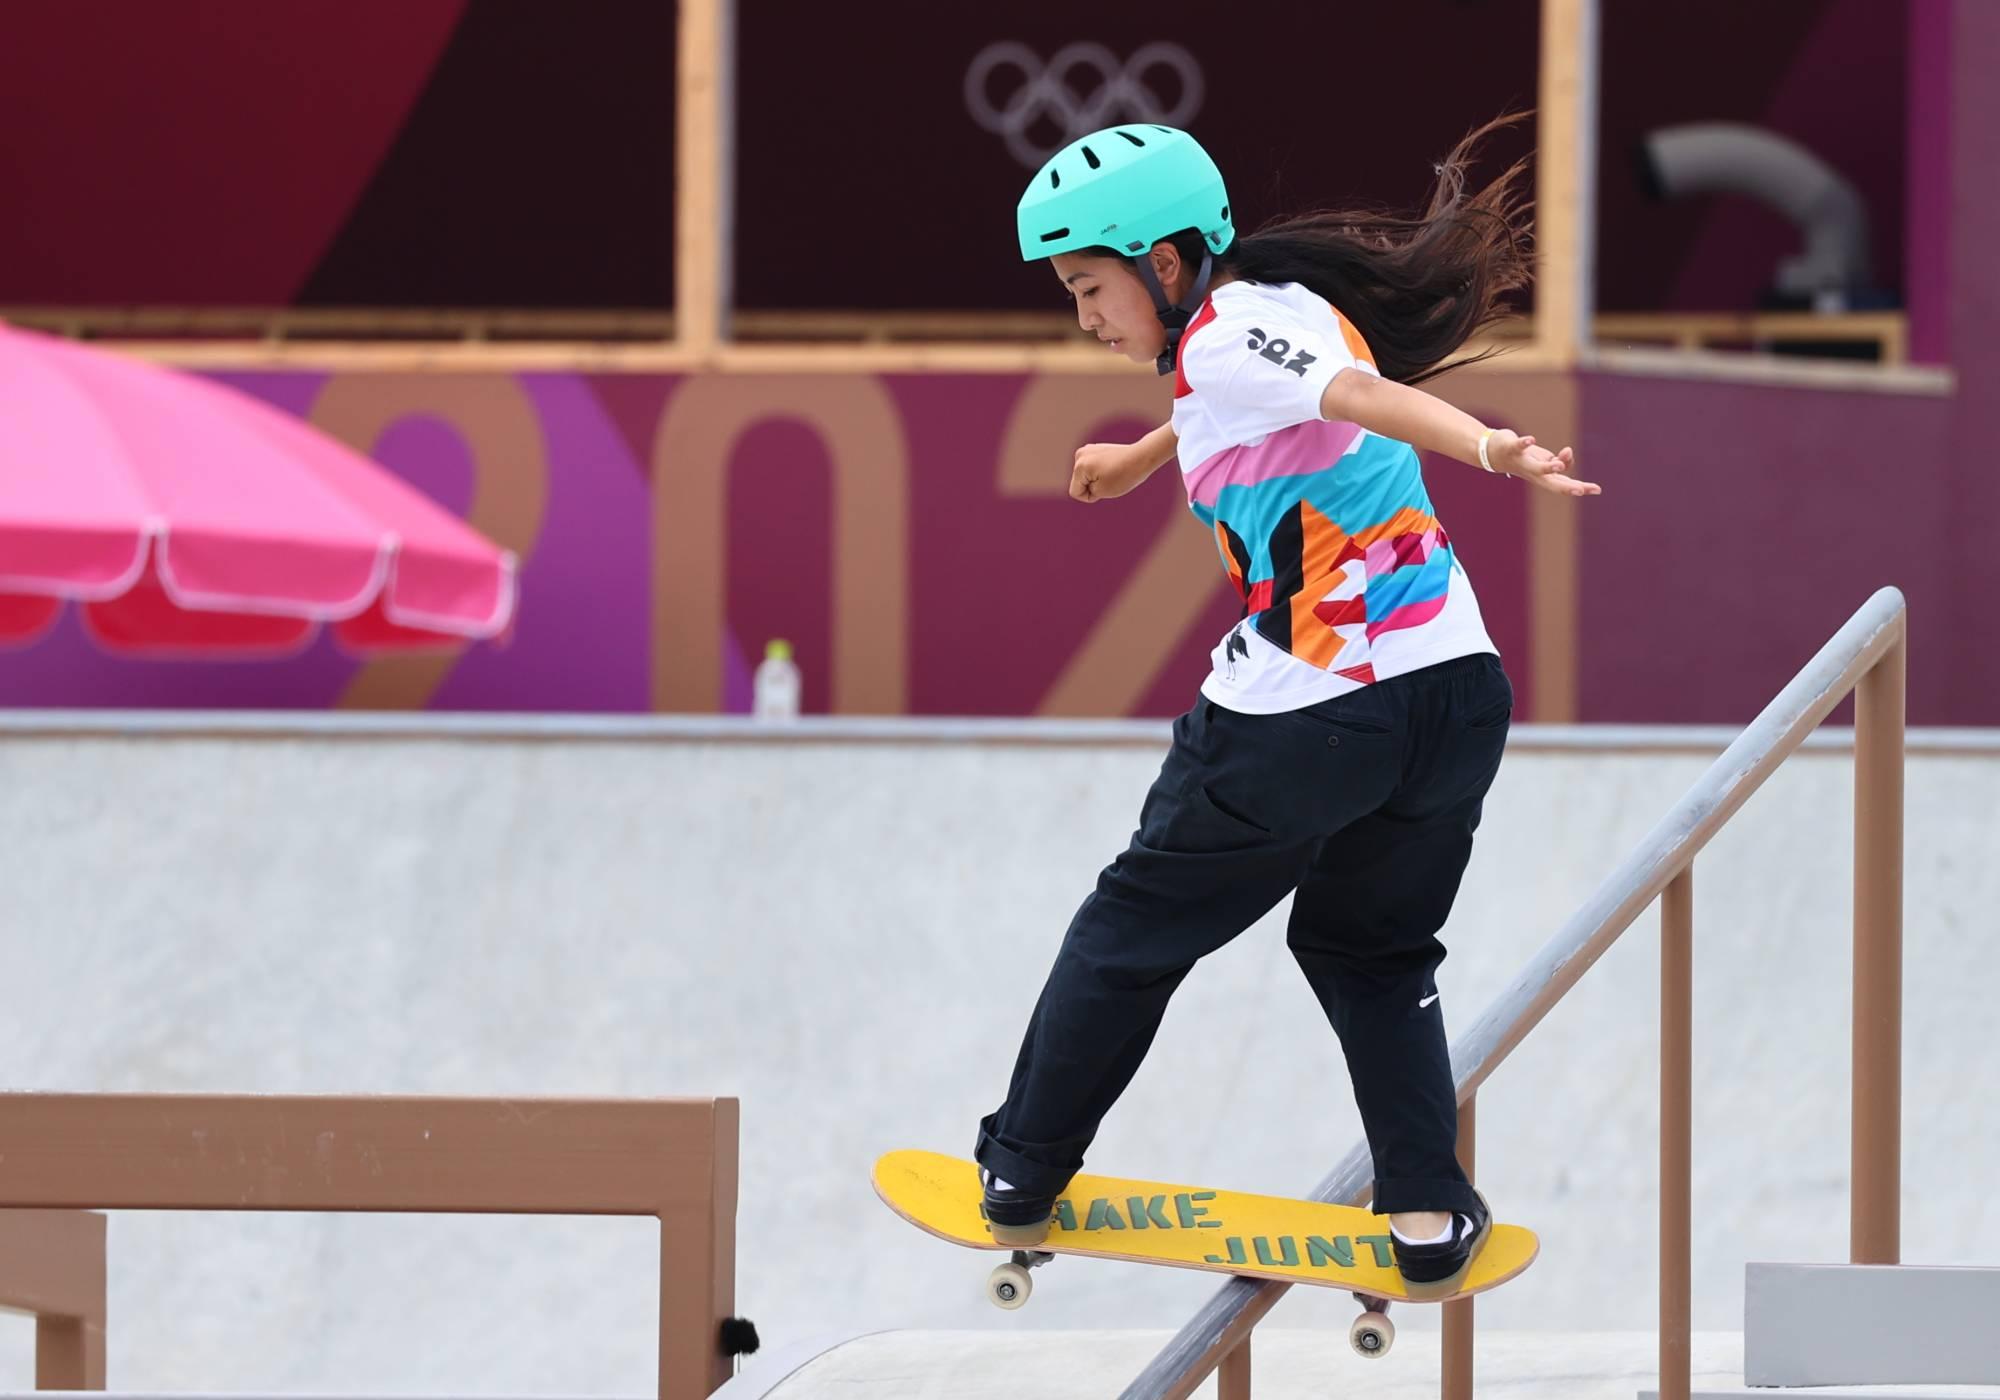 Một pha trượt ván mạo hiểm của Nakayama.